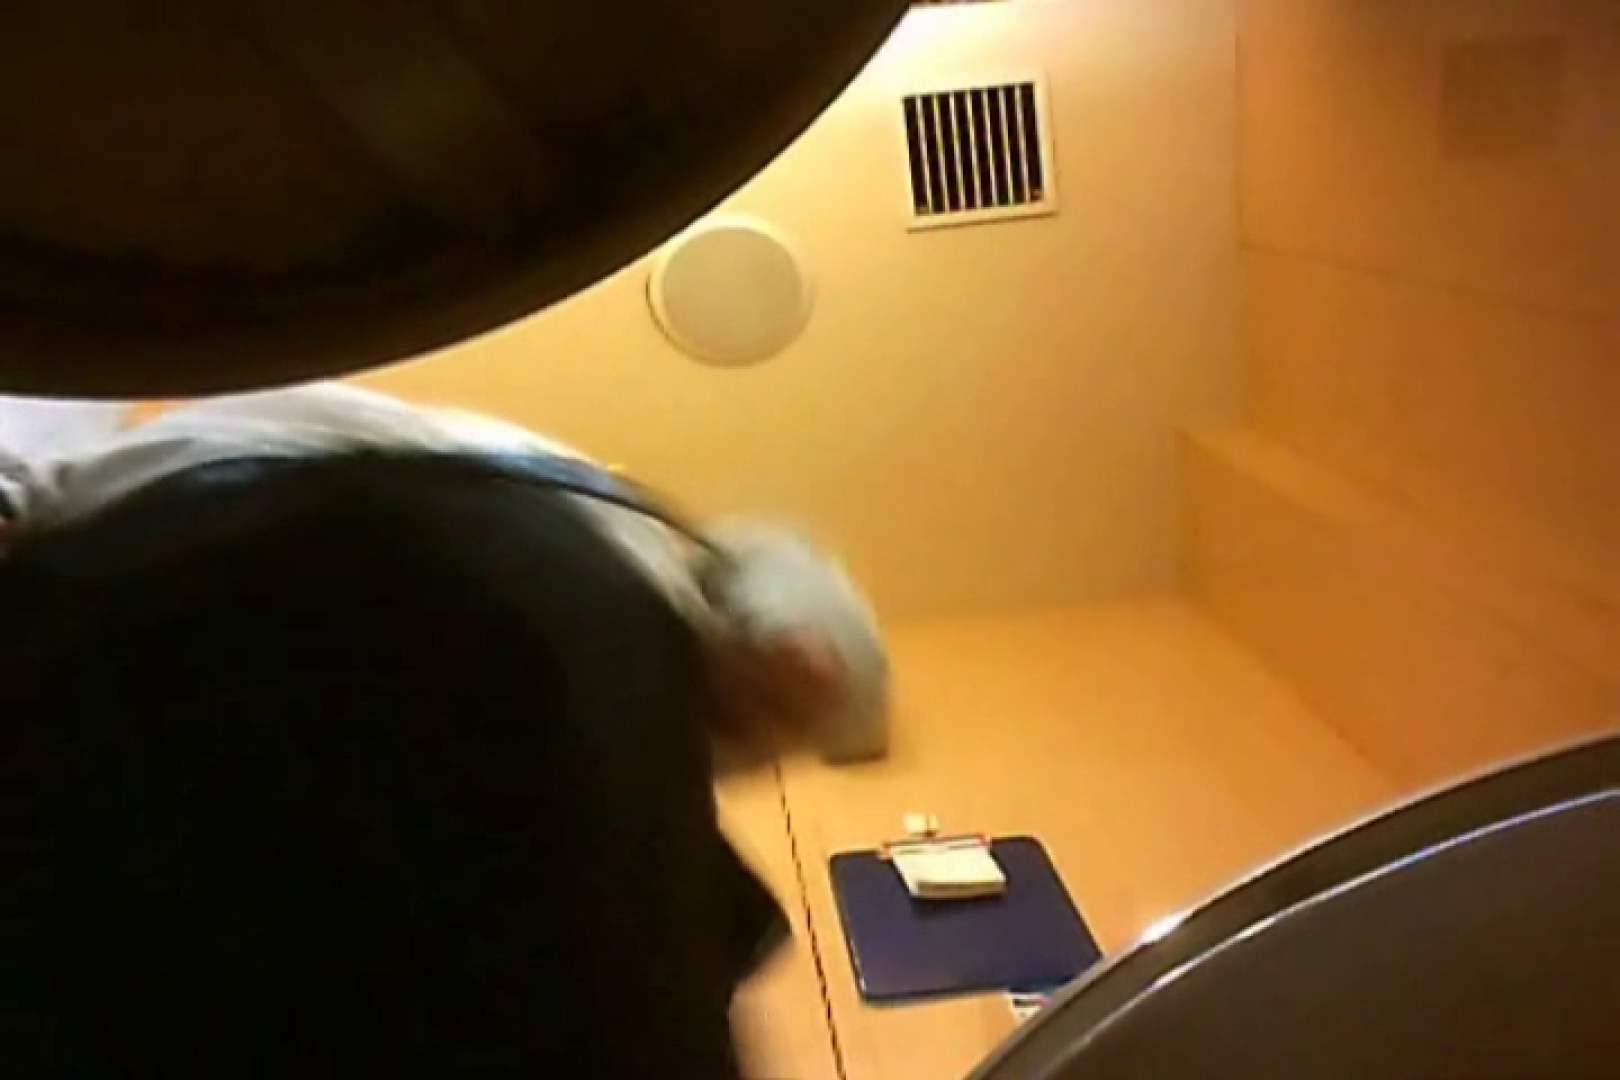 SEASON 3rd!掴み取りさんの洗面所覗き!in新幹線!VOL.09 完全無修正でお届け | ボーイズ私服  65pic 18